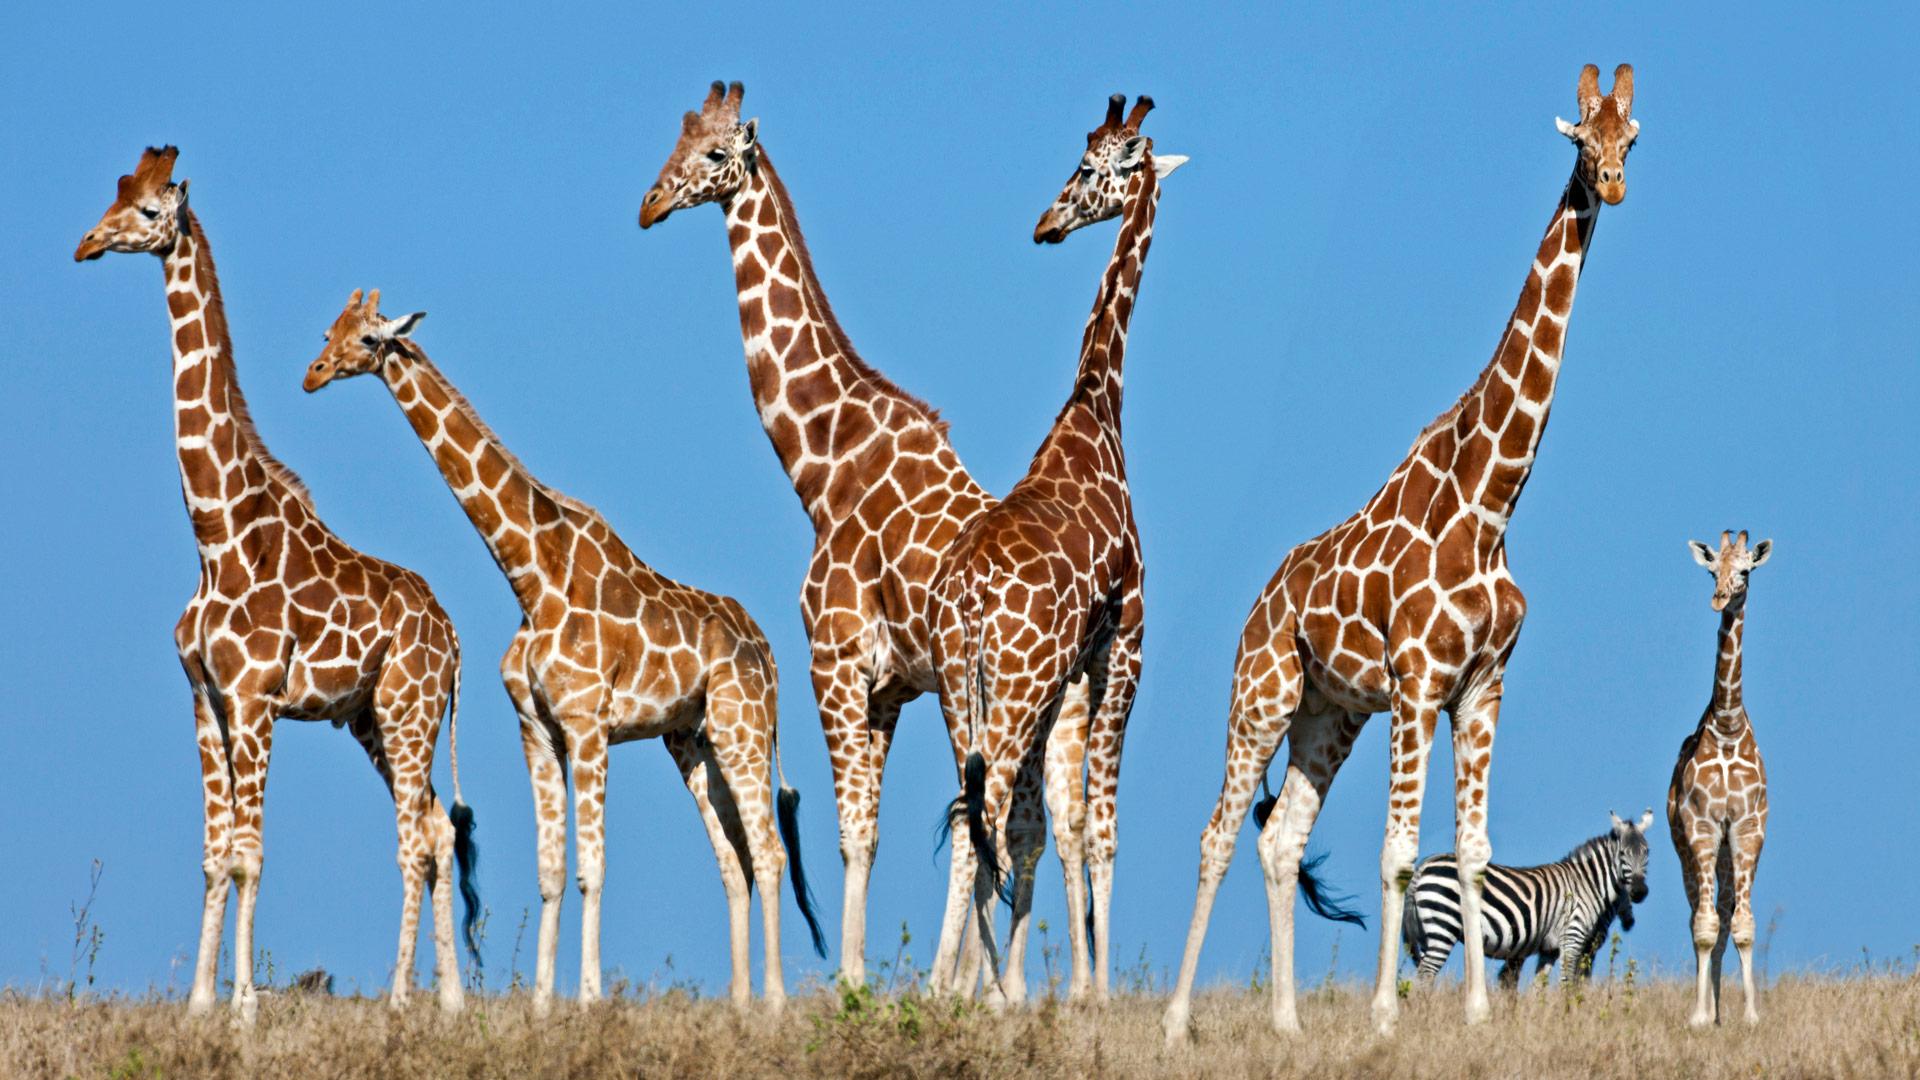 Giraffes in Tanzania.